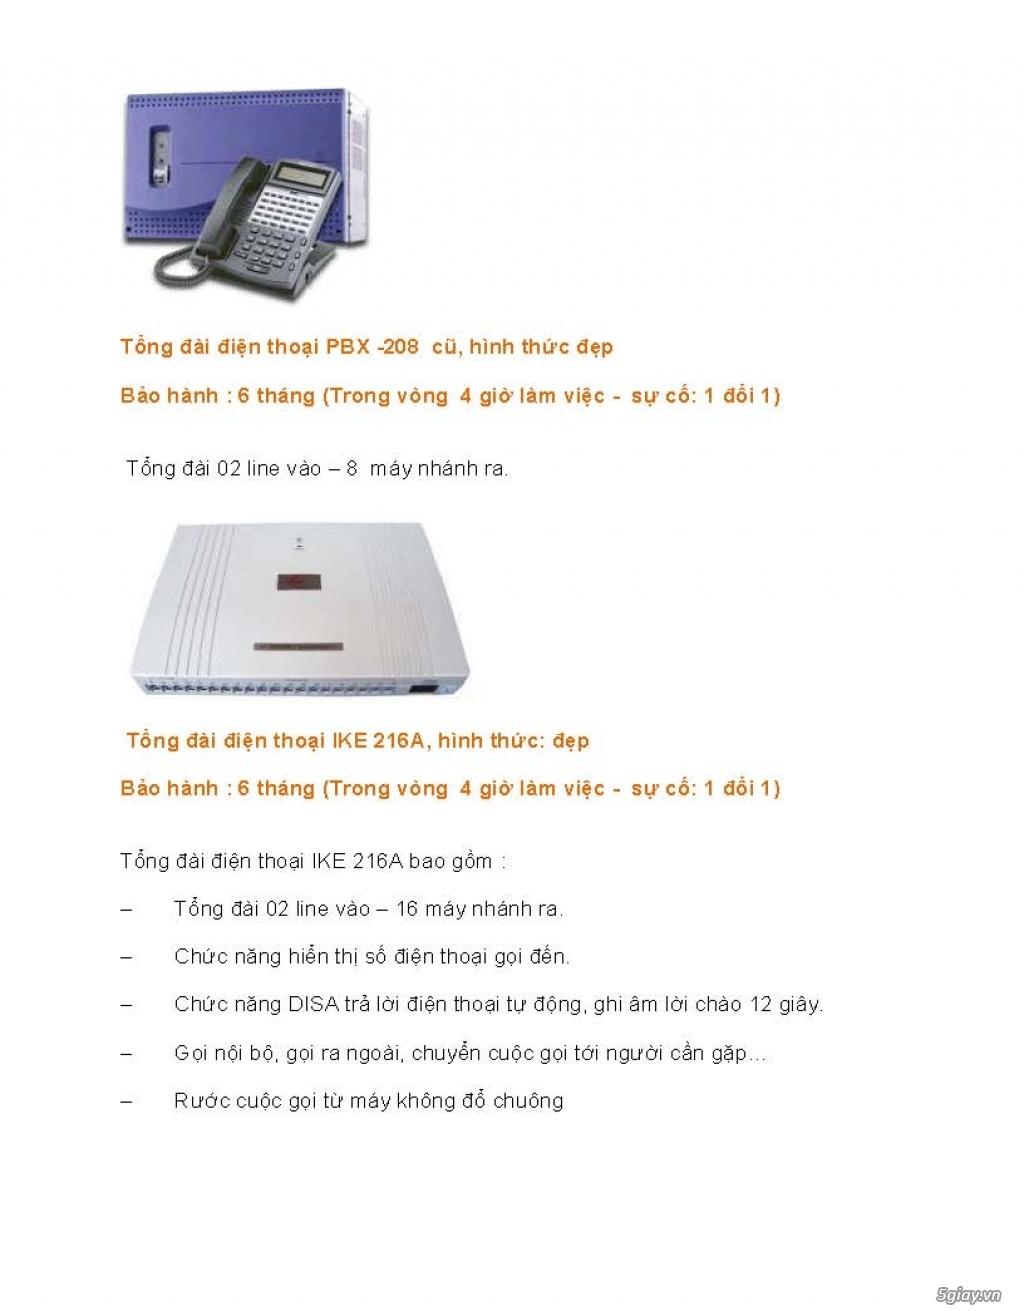 Sửa chữa Bộ Đàm,Máy Fax,Tổng Đài - 9